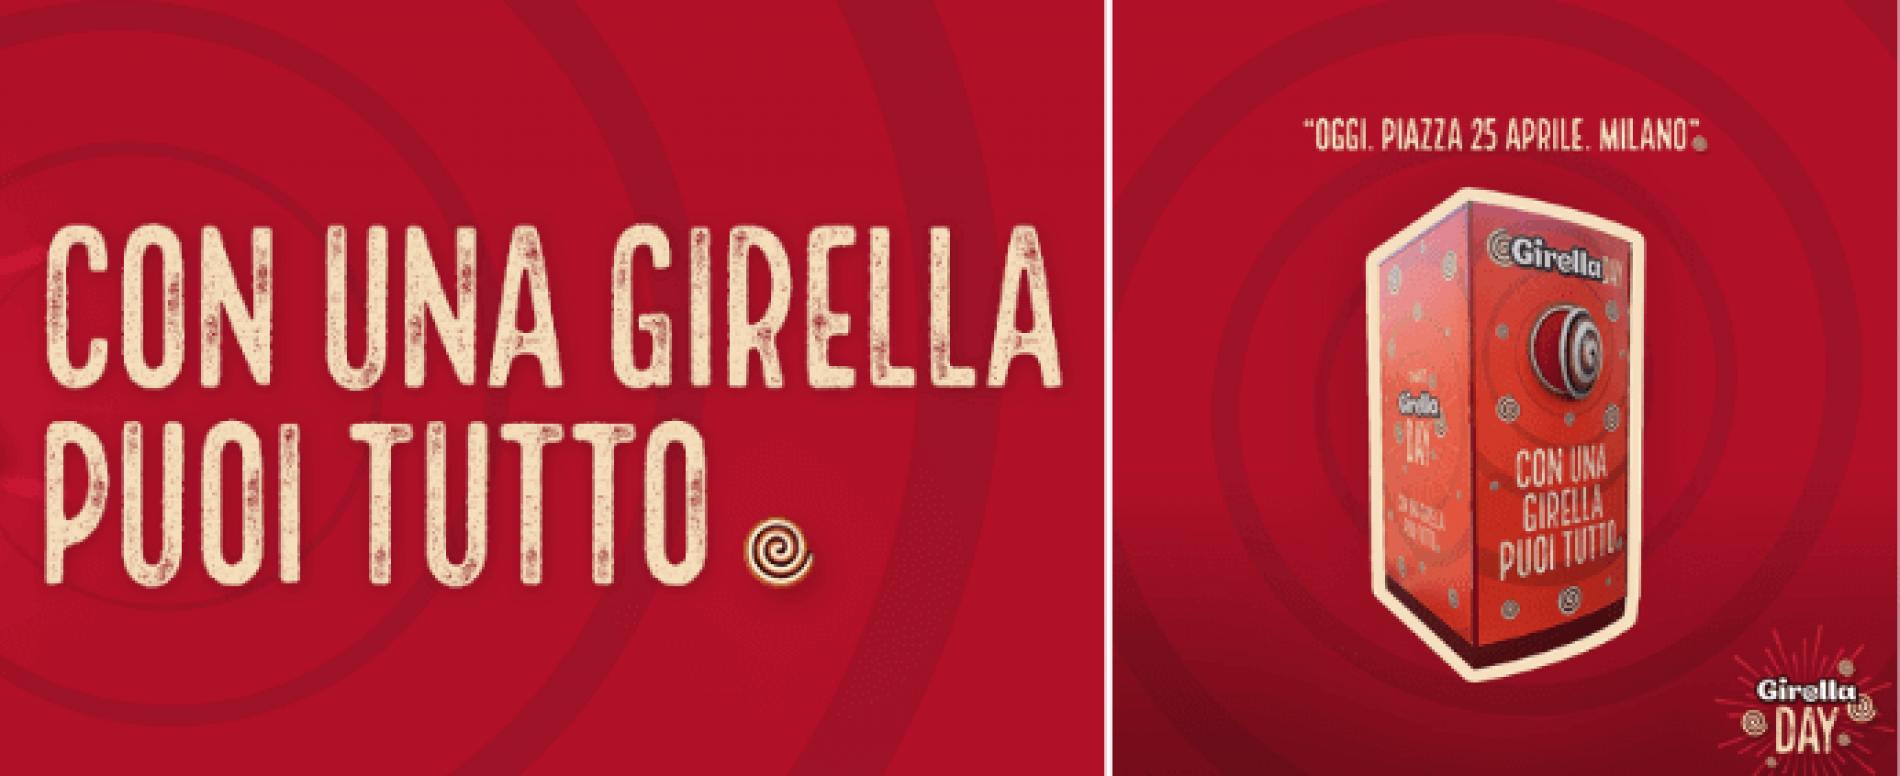 Girella Day: un distributore automatico a Milano per la festa